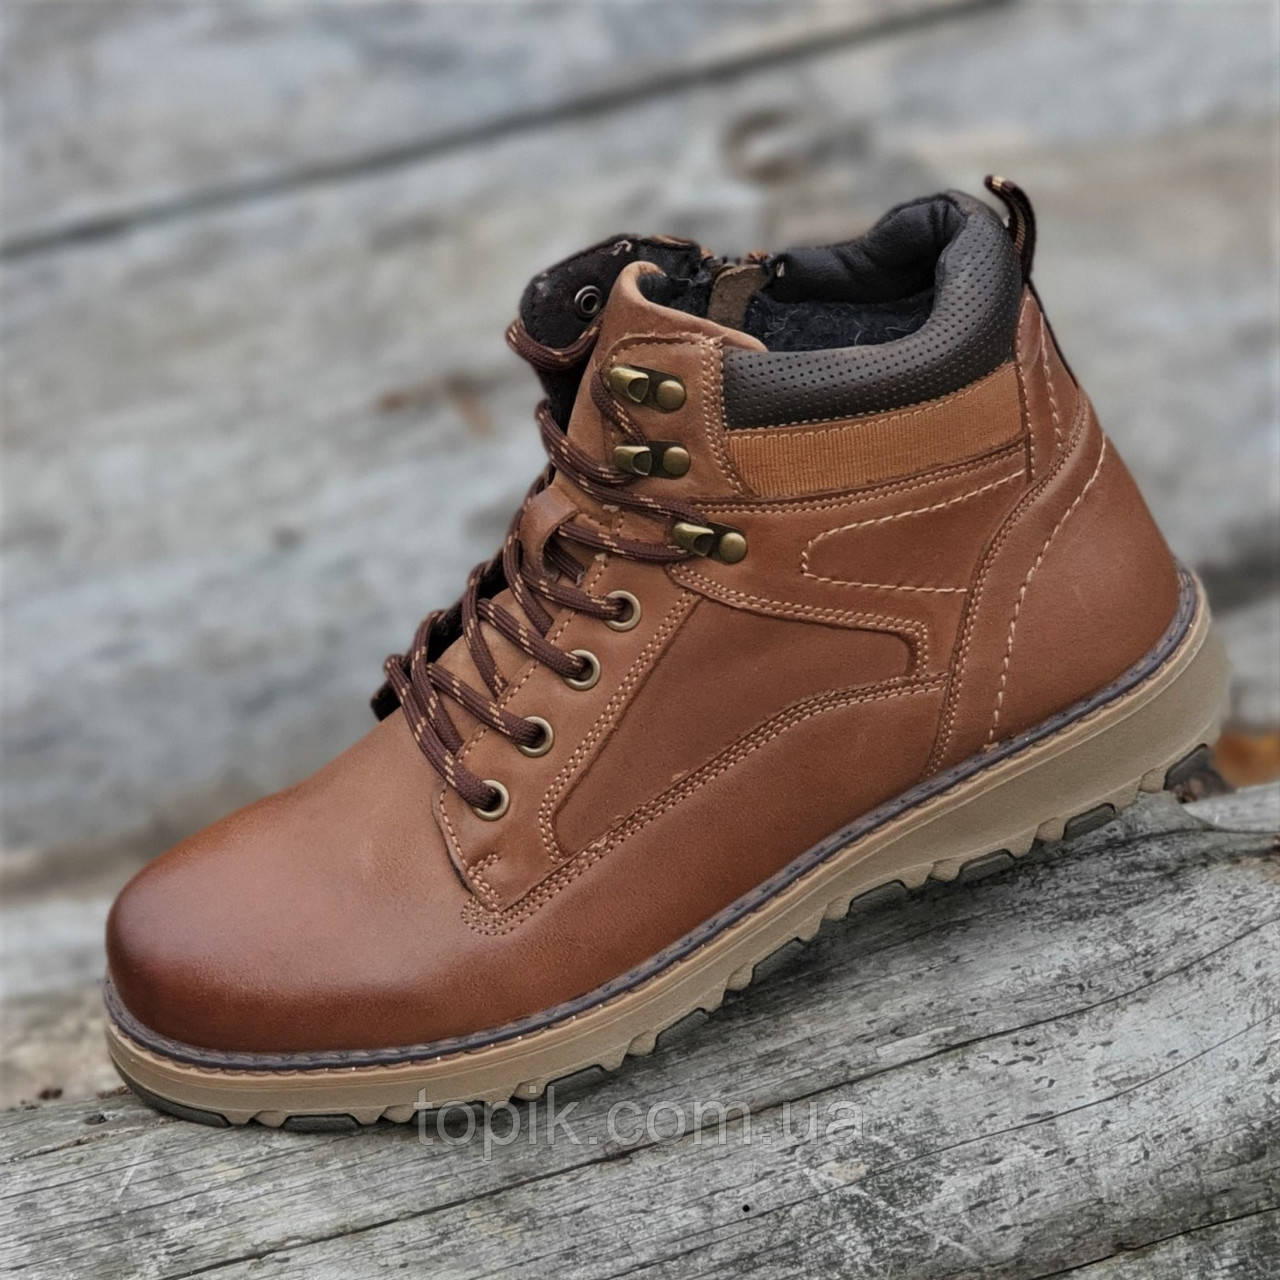 Ботинки мужские зимние кожаные коричневые на шнурках на молнии (Код: 1822)